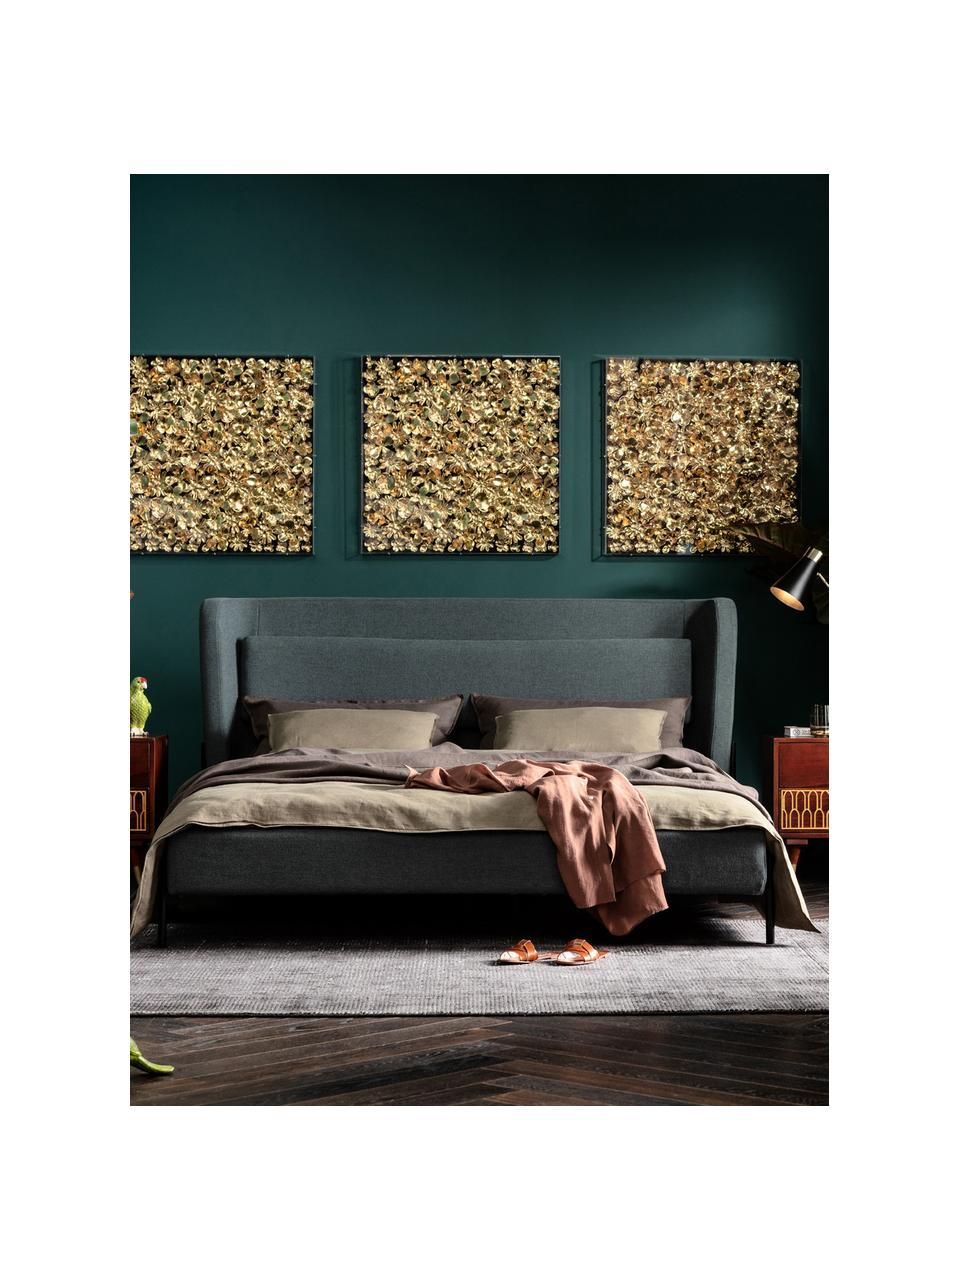 Łóżko tapicerowane Tivoli, Korpus: lite drewno eukaliptusowe, Tapicerka: 100% poliester, Nogi: stal malowana proszkowo, Zielony, S 160 x D 200 cm